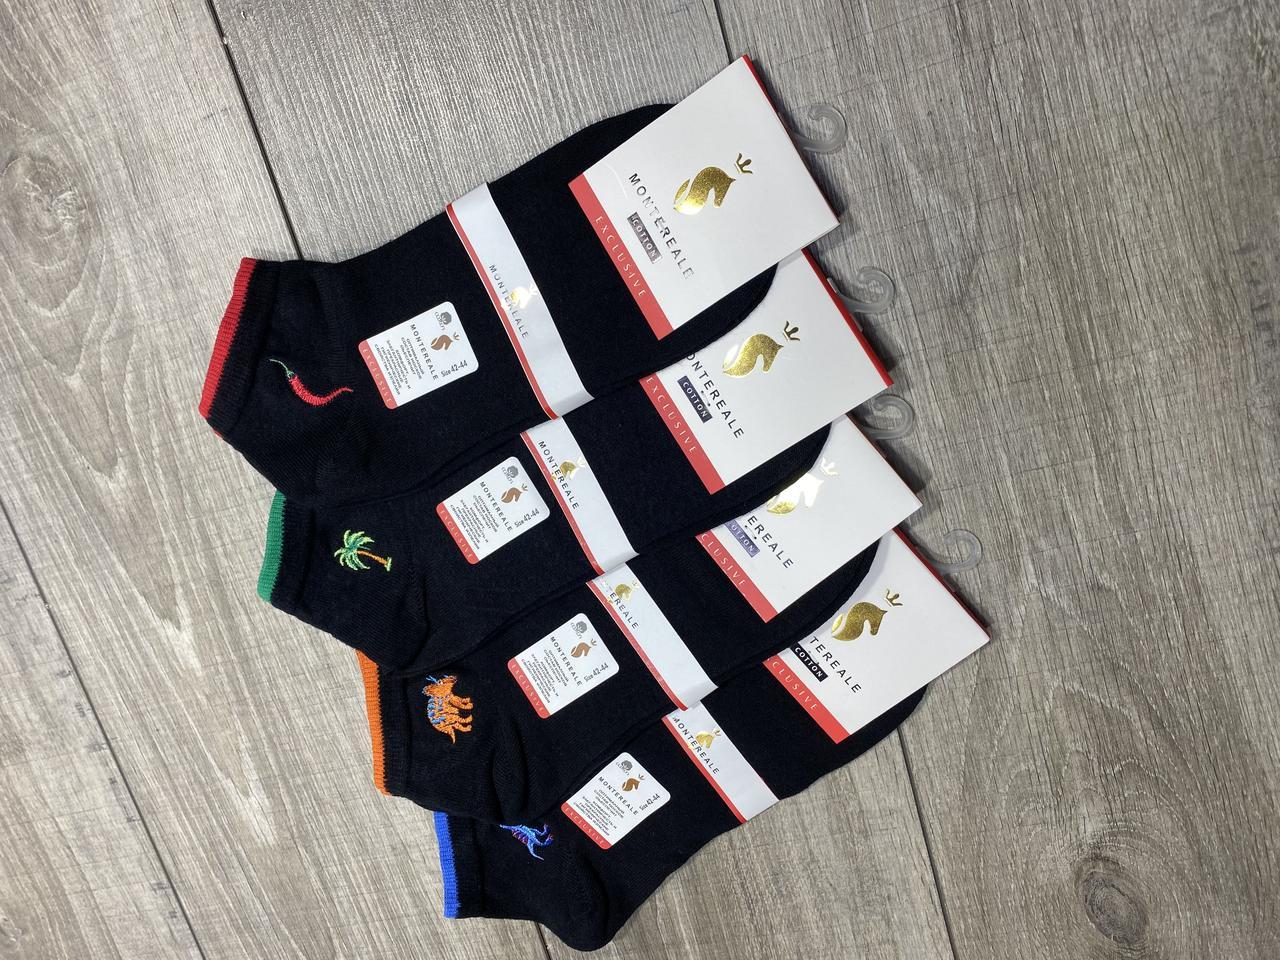 Мужские демисезонные носки Montereale черные с цветной резинкой хлопок короткие размер 42-44